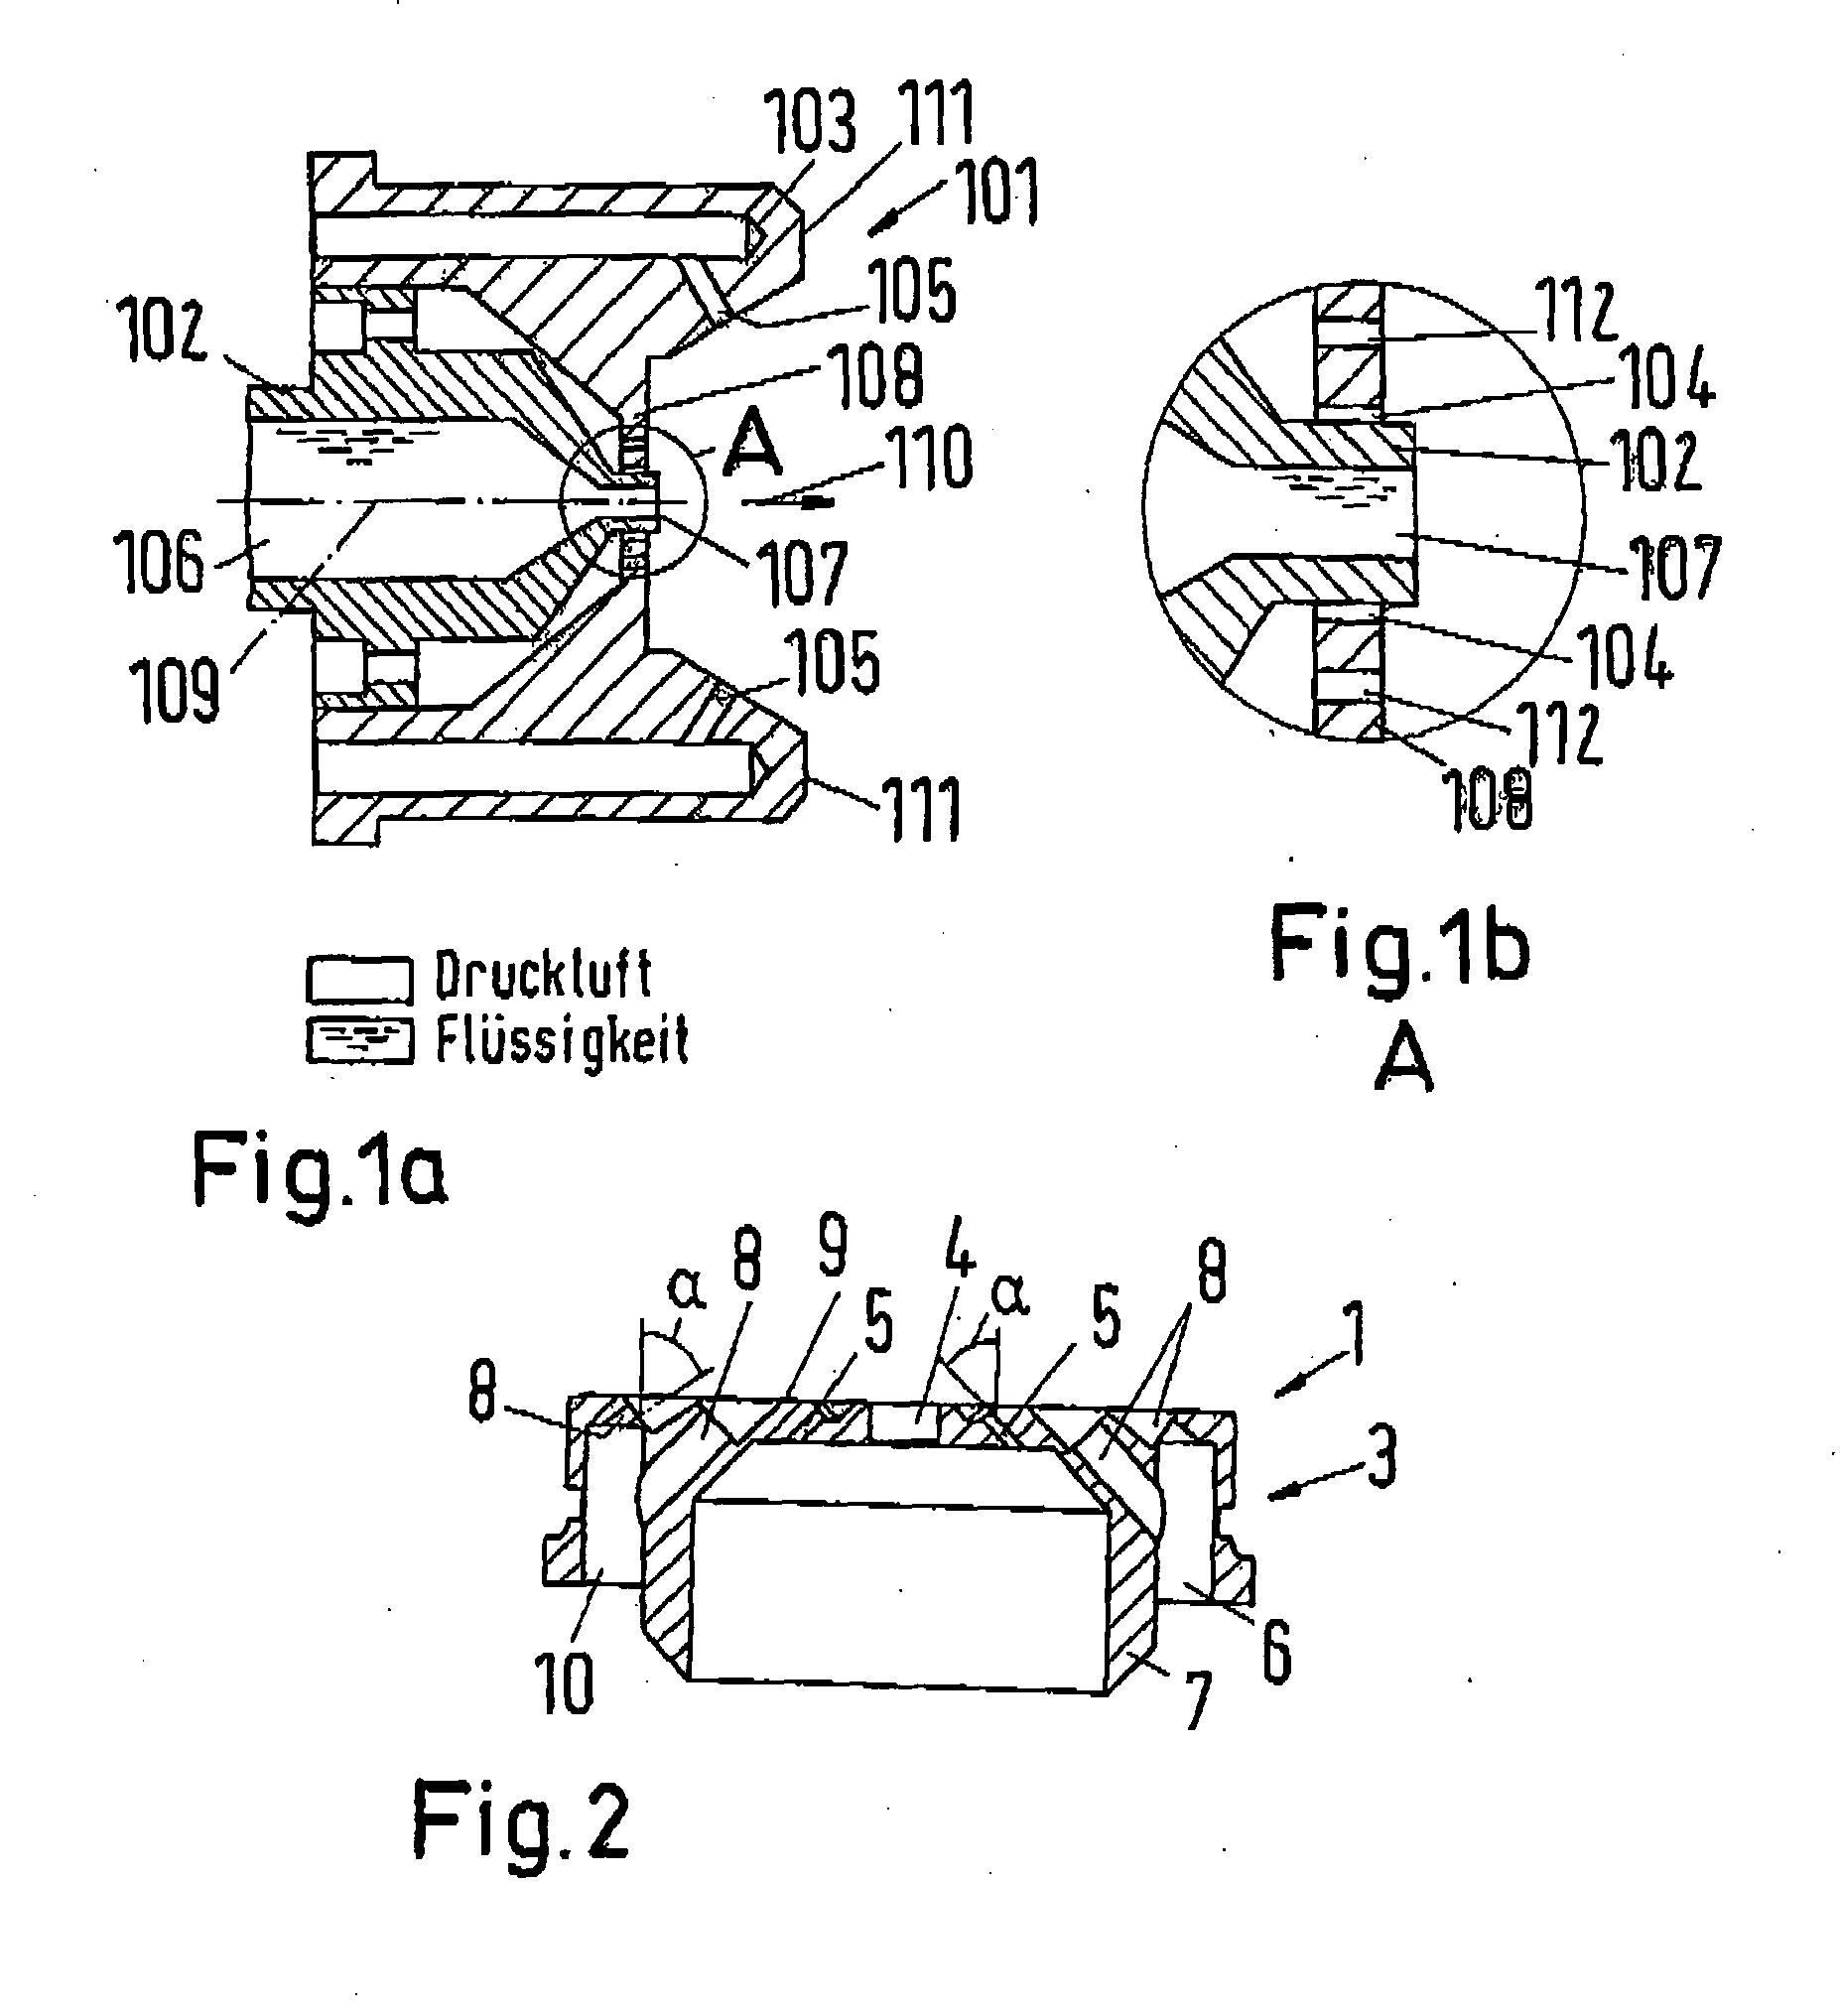 patent ep2017010a2 zerst uberkopf f r eine spritzpistole google patents. Black Bedroom Furniture Sets. Home Design Ideas